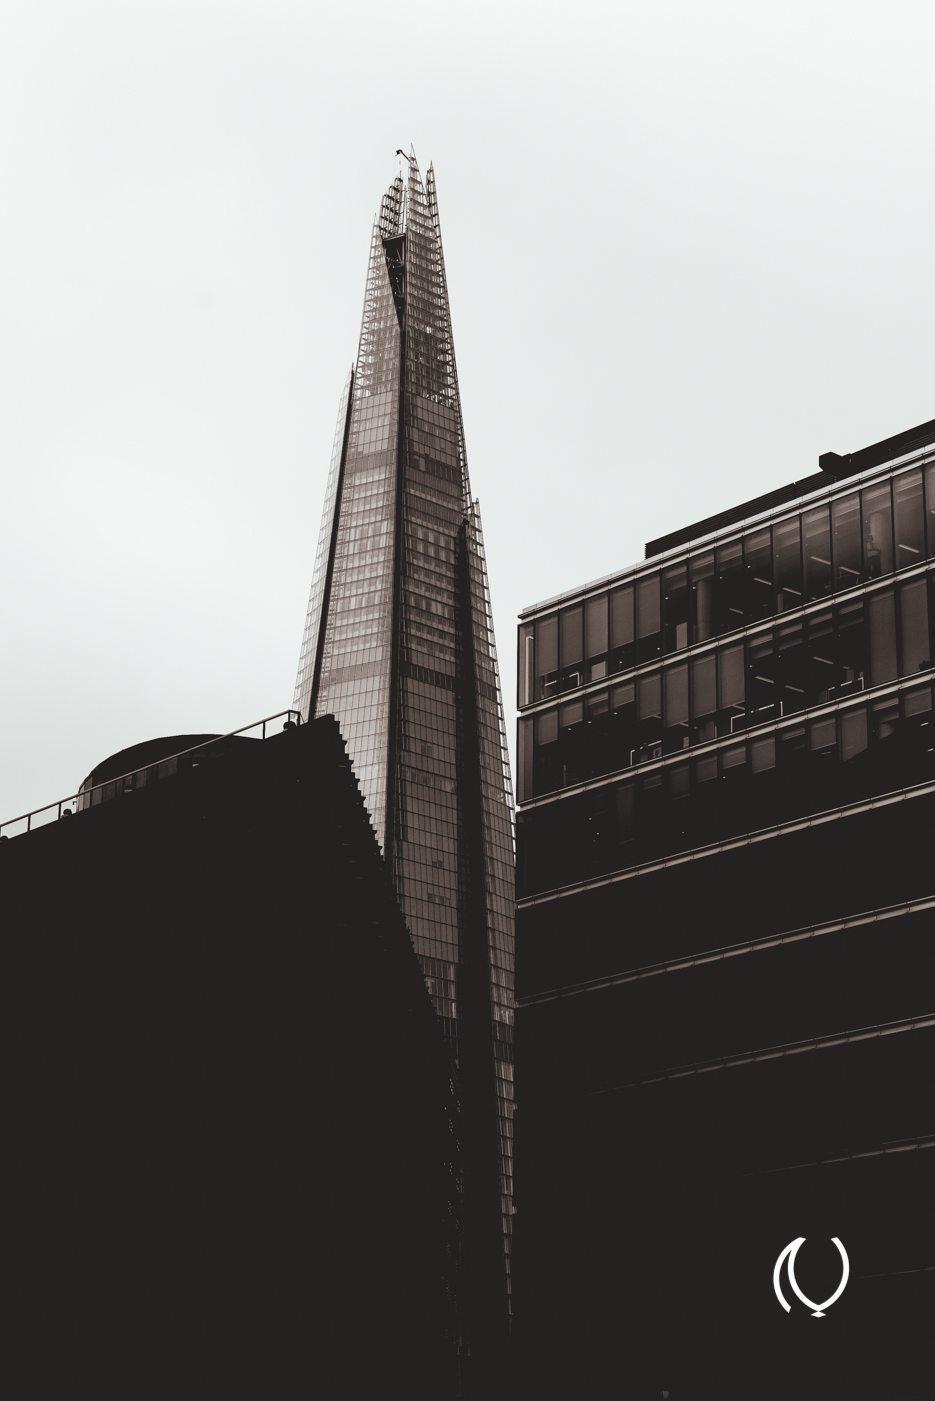 EyesForLondon-The-Shard-Naina.co-La-Raconteuse-Visuelle-Architecture-United-Kingdom